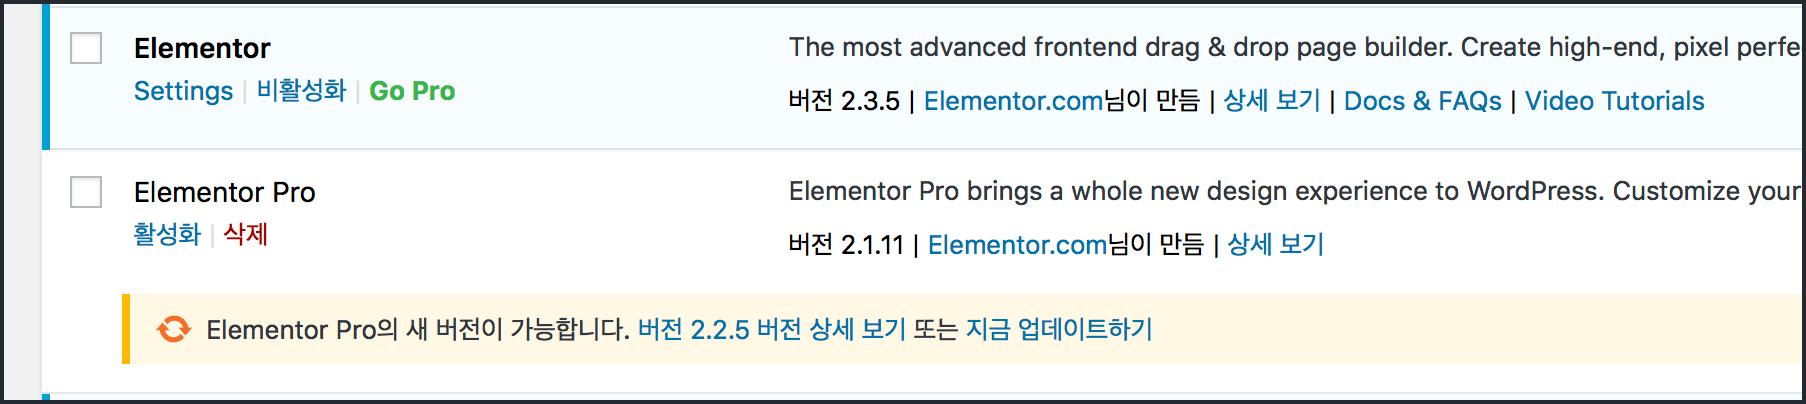 비활성화된 Elementor Pro에 지금업데이트 하기가 나온다